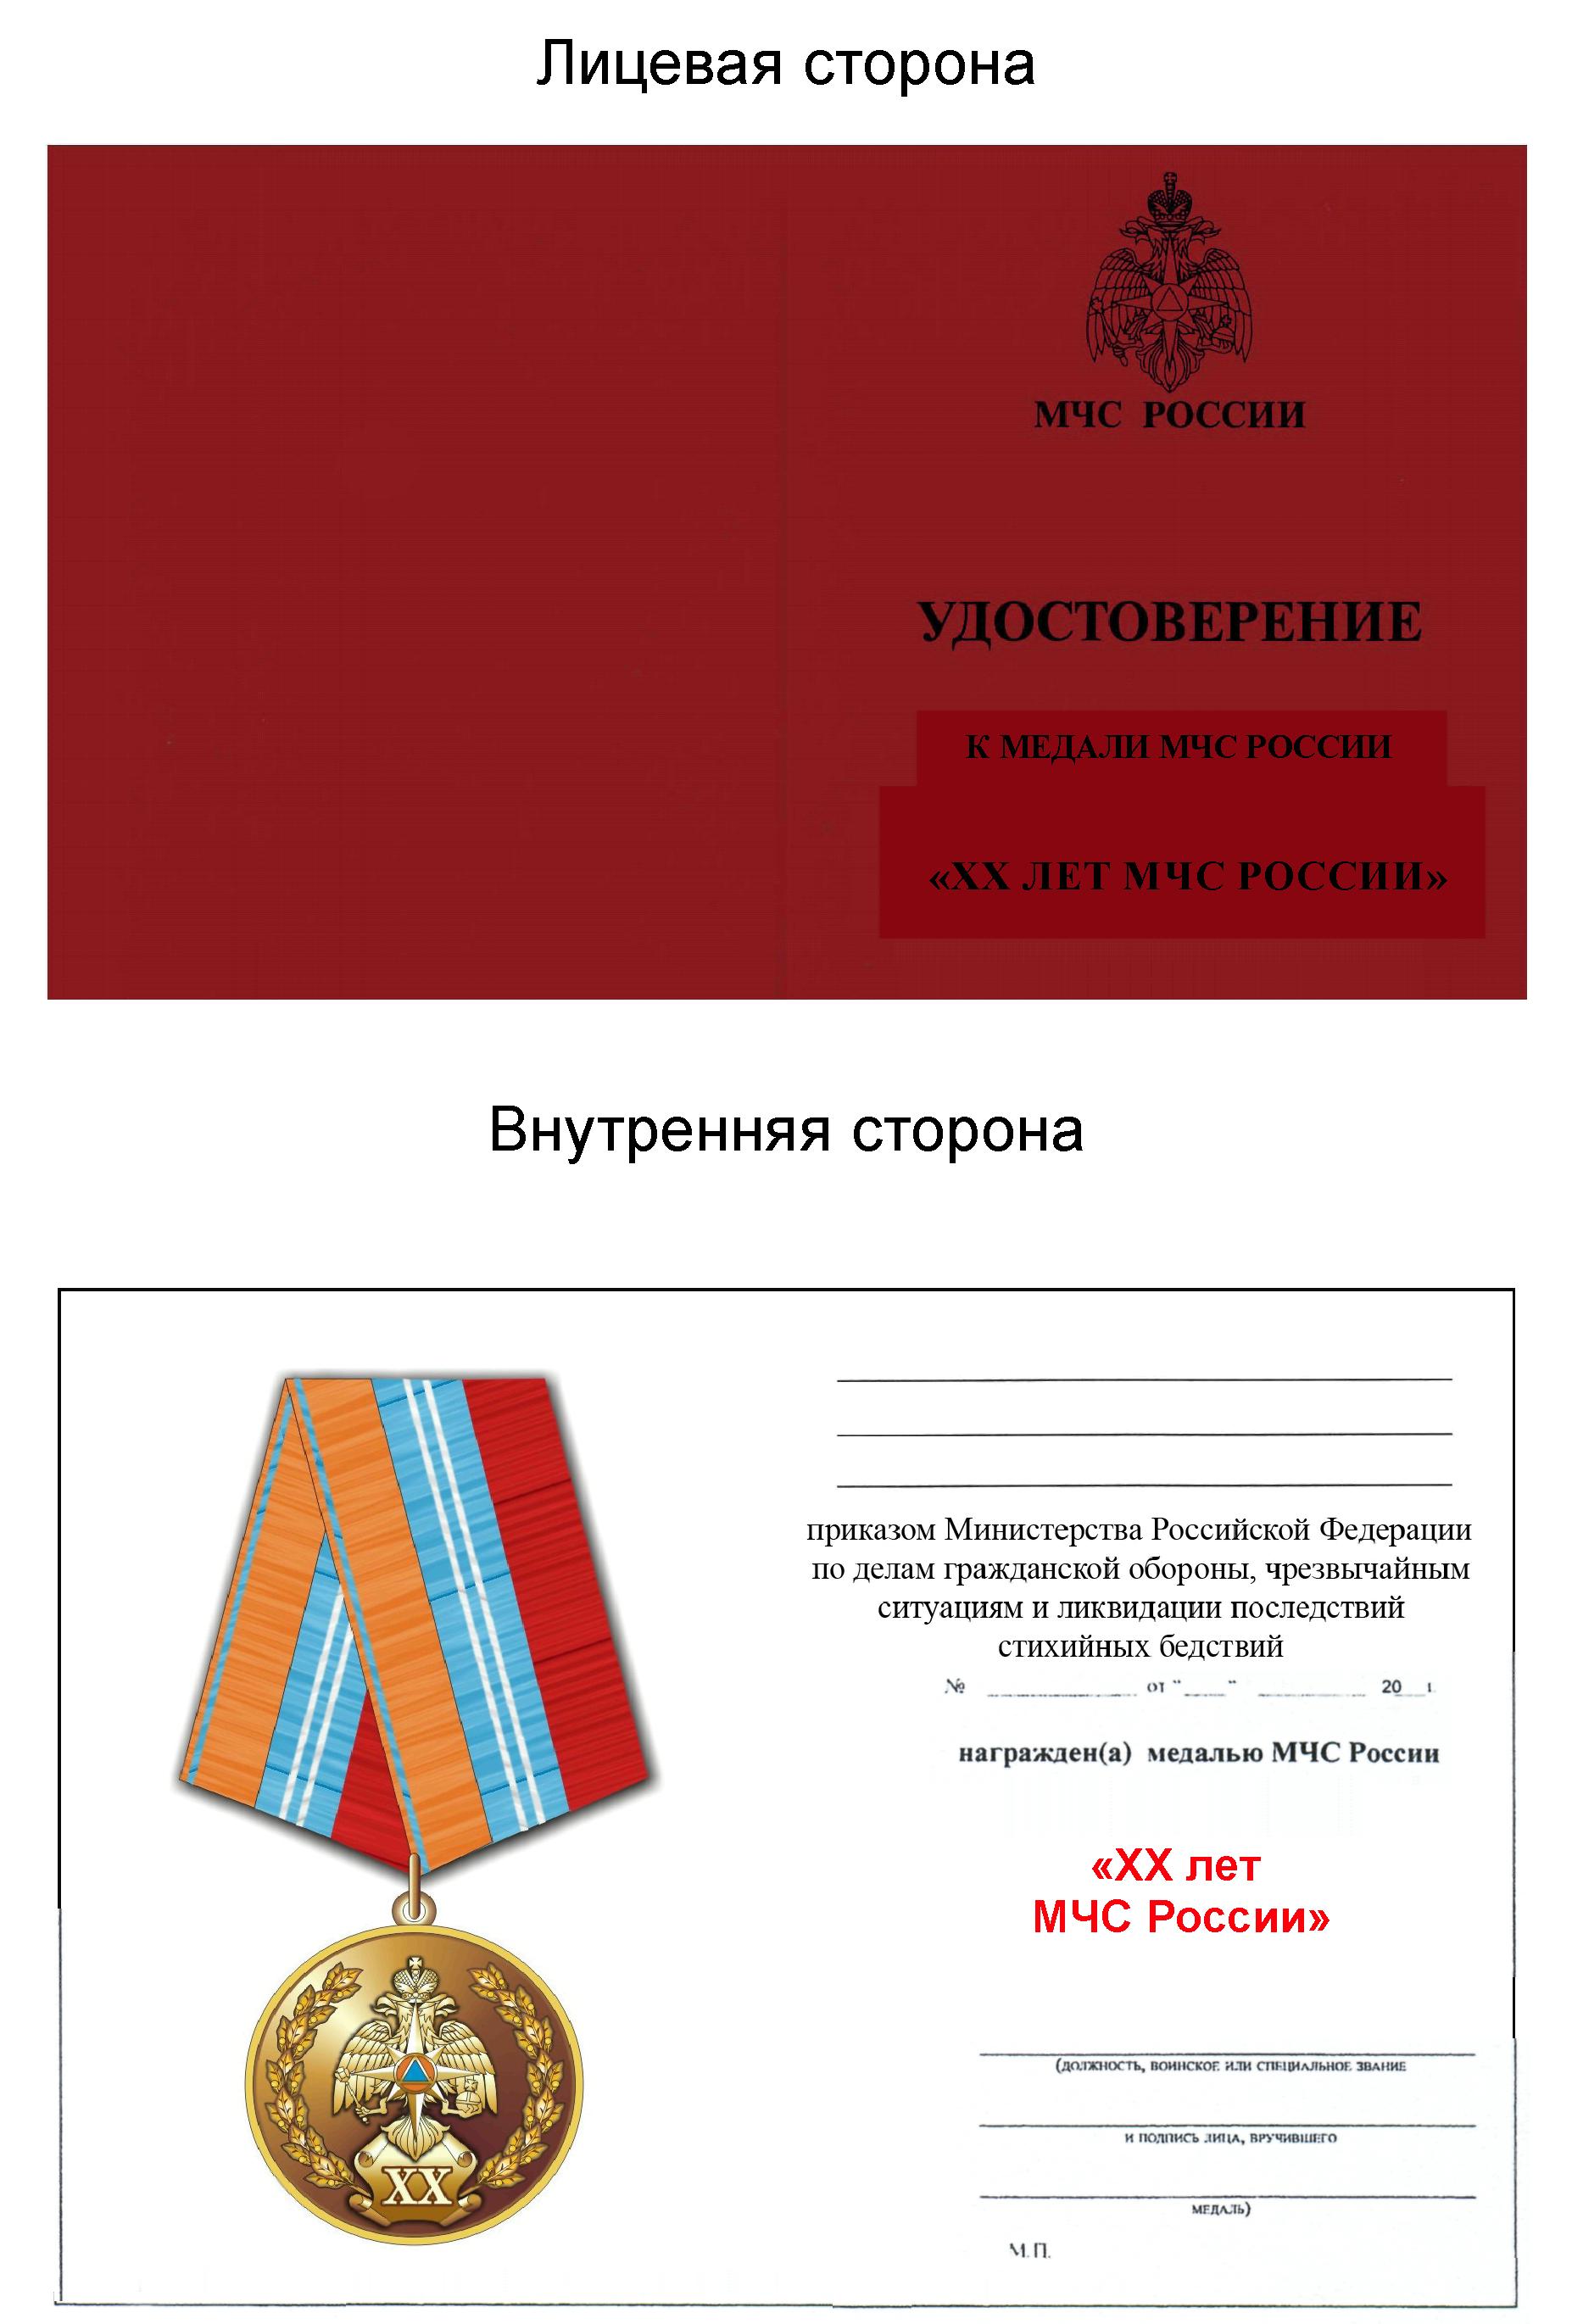 ПРИЛОЖЕНИЕ 3 К ПОЛОЖЕНИЮ 11, УТВ. ПРИКАЗОМ МЧС РФ ОТ 06.12.2010 N 620